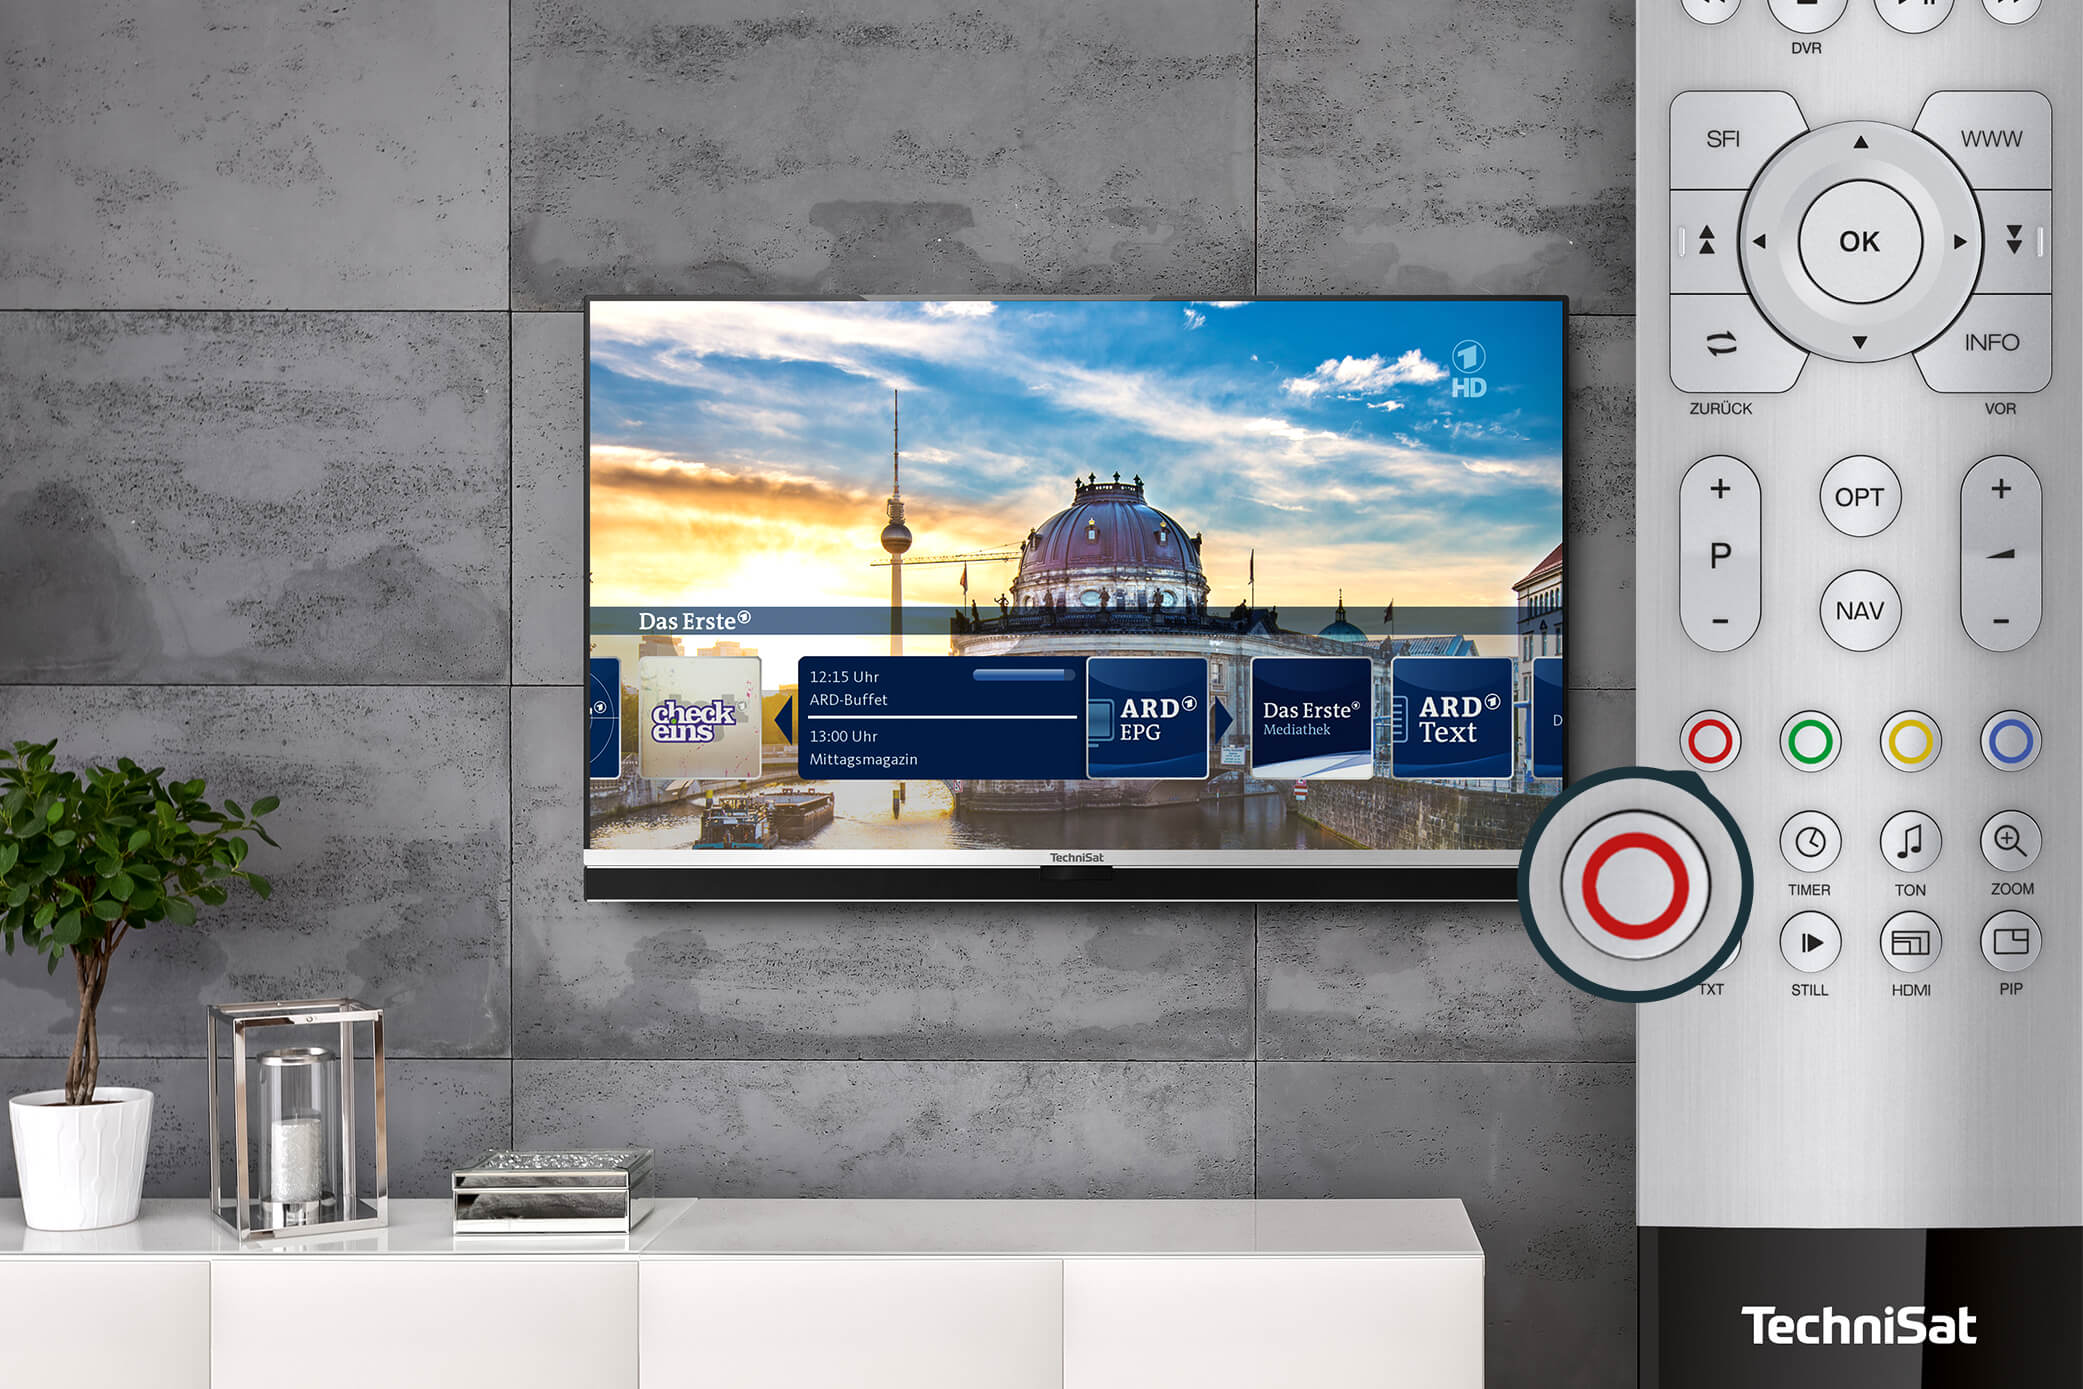 ProSiebenSat.1 launcht 4K-Inhalte für Ultra HD-Geräte über HbbTV